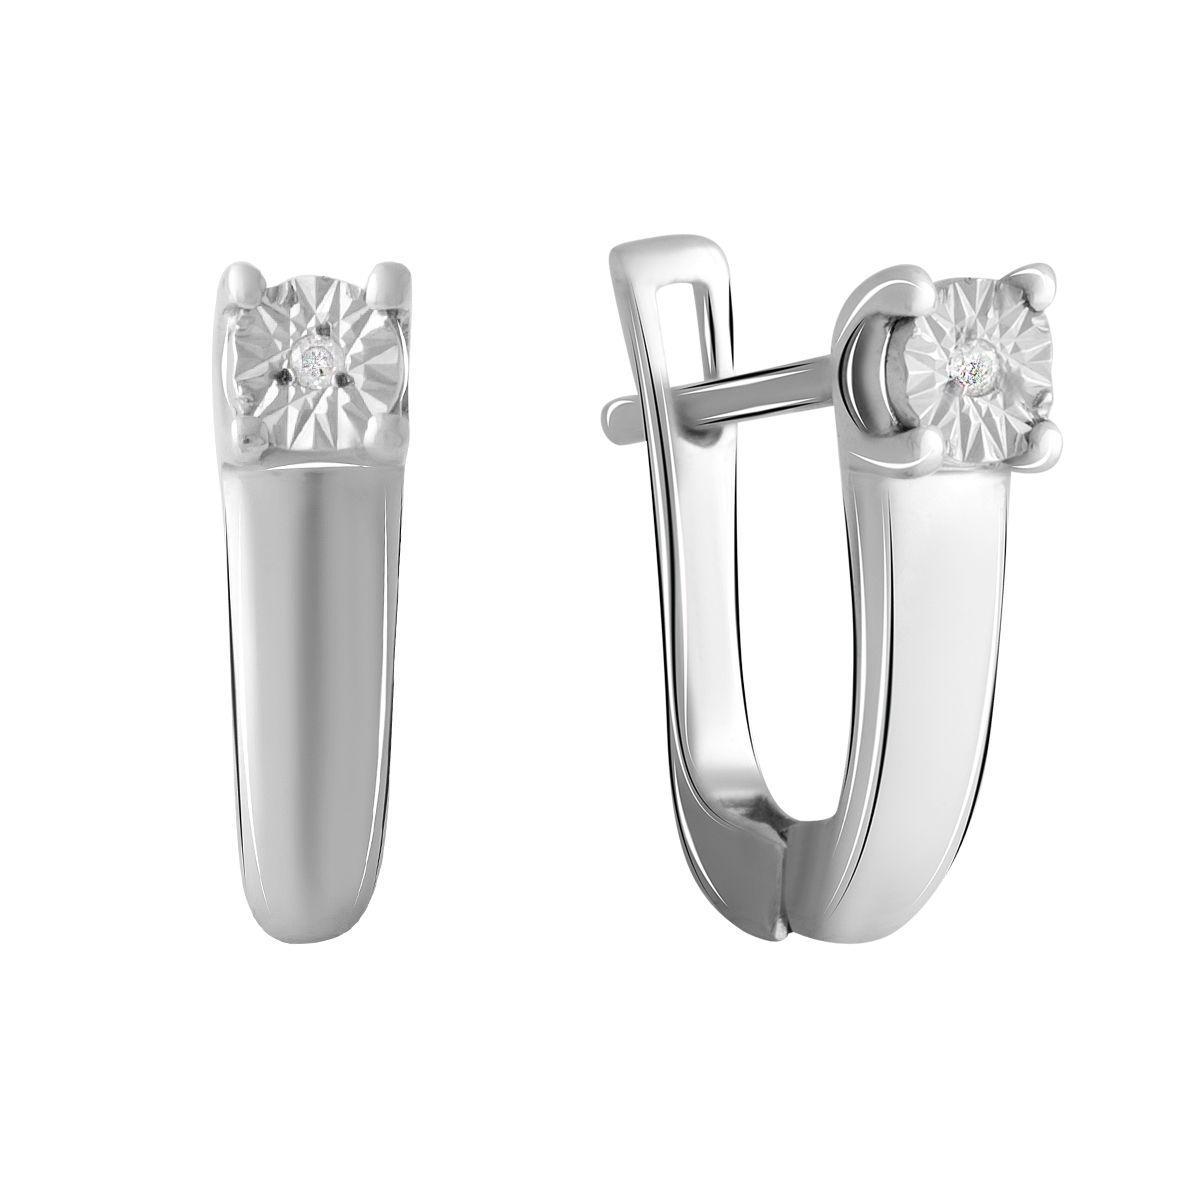 Серебряные серьги DreamJewelry с натуральными бриллиантом 0.018ct (2043683)